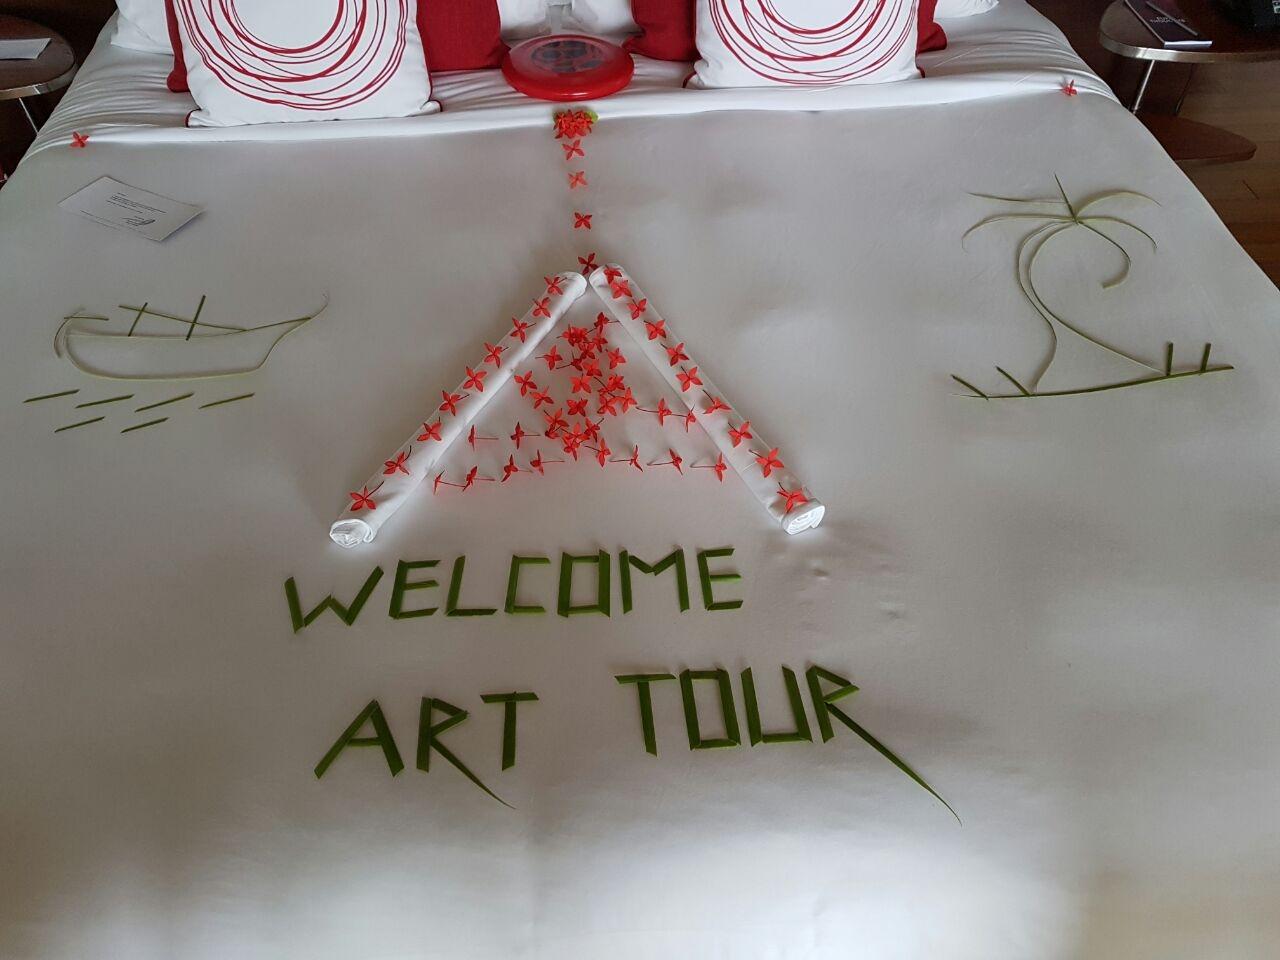 Только высокое качество рекламных туров от «АРТ-ТУР»!